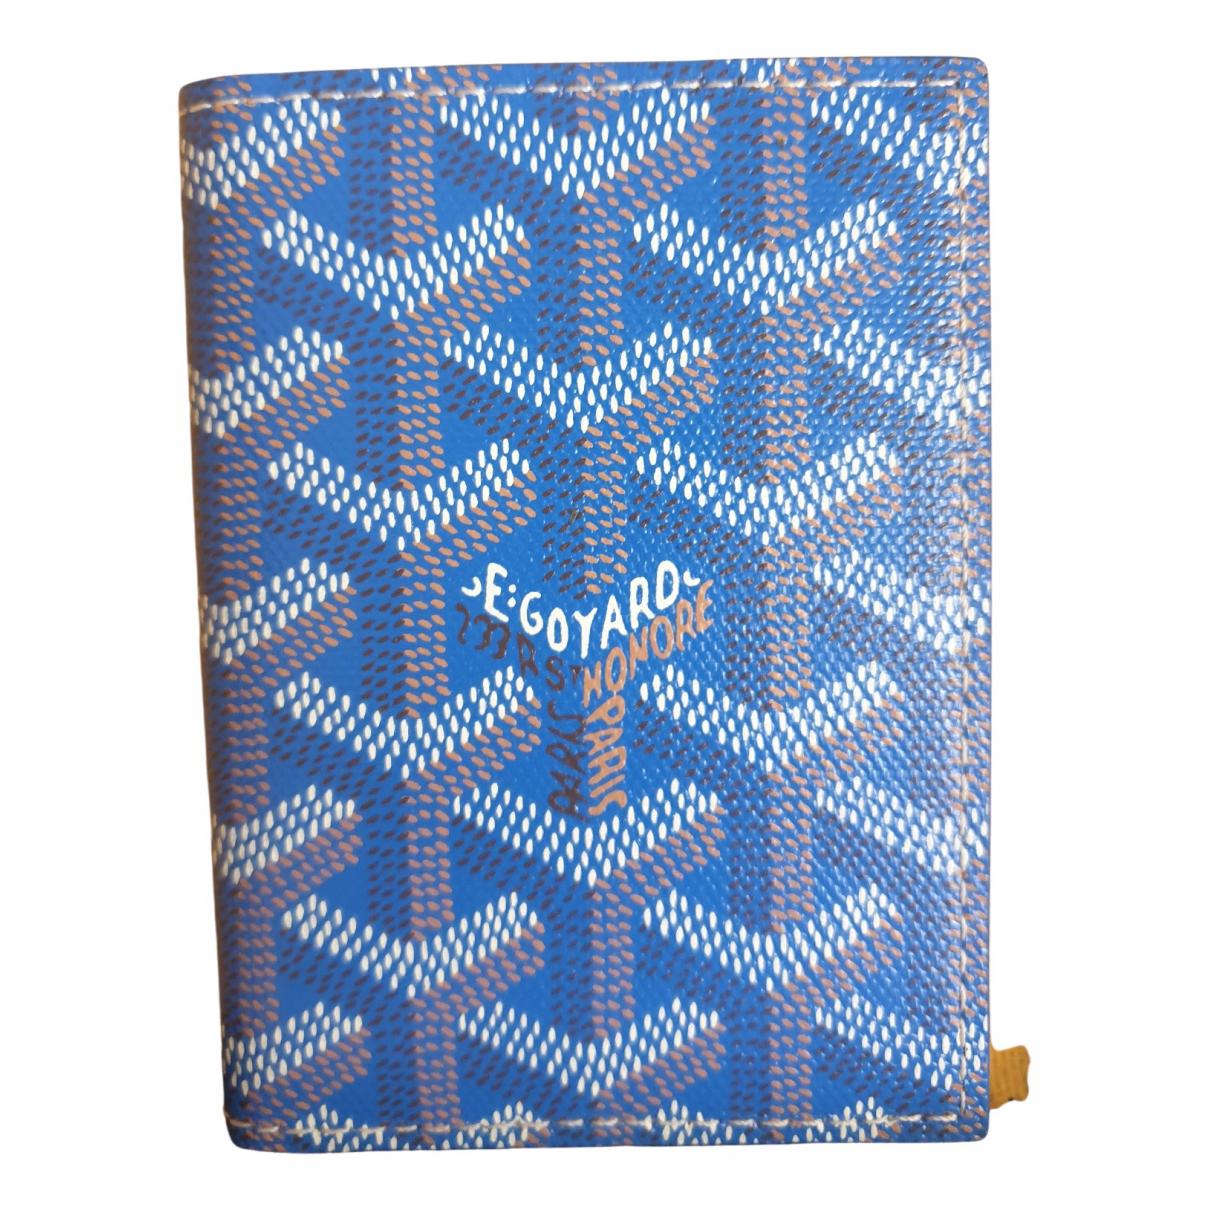 Goyard \N Blue Cloth Purses, wallet & cases for Women \N